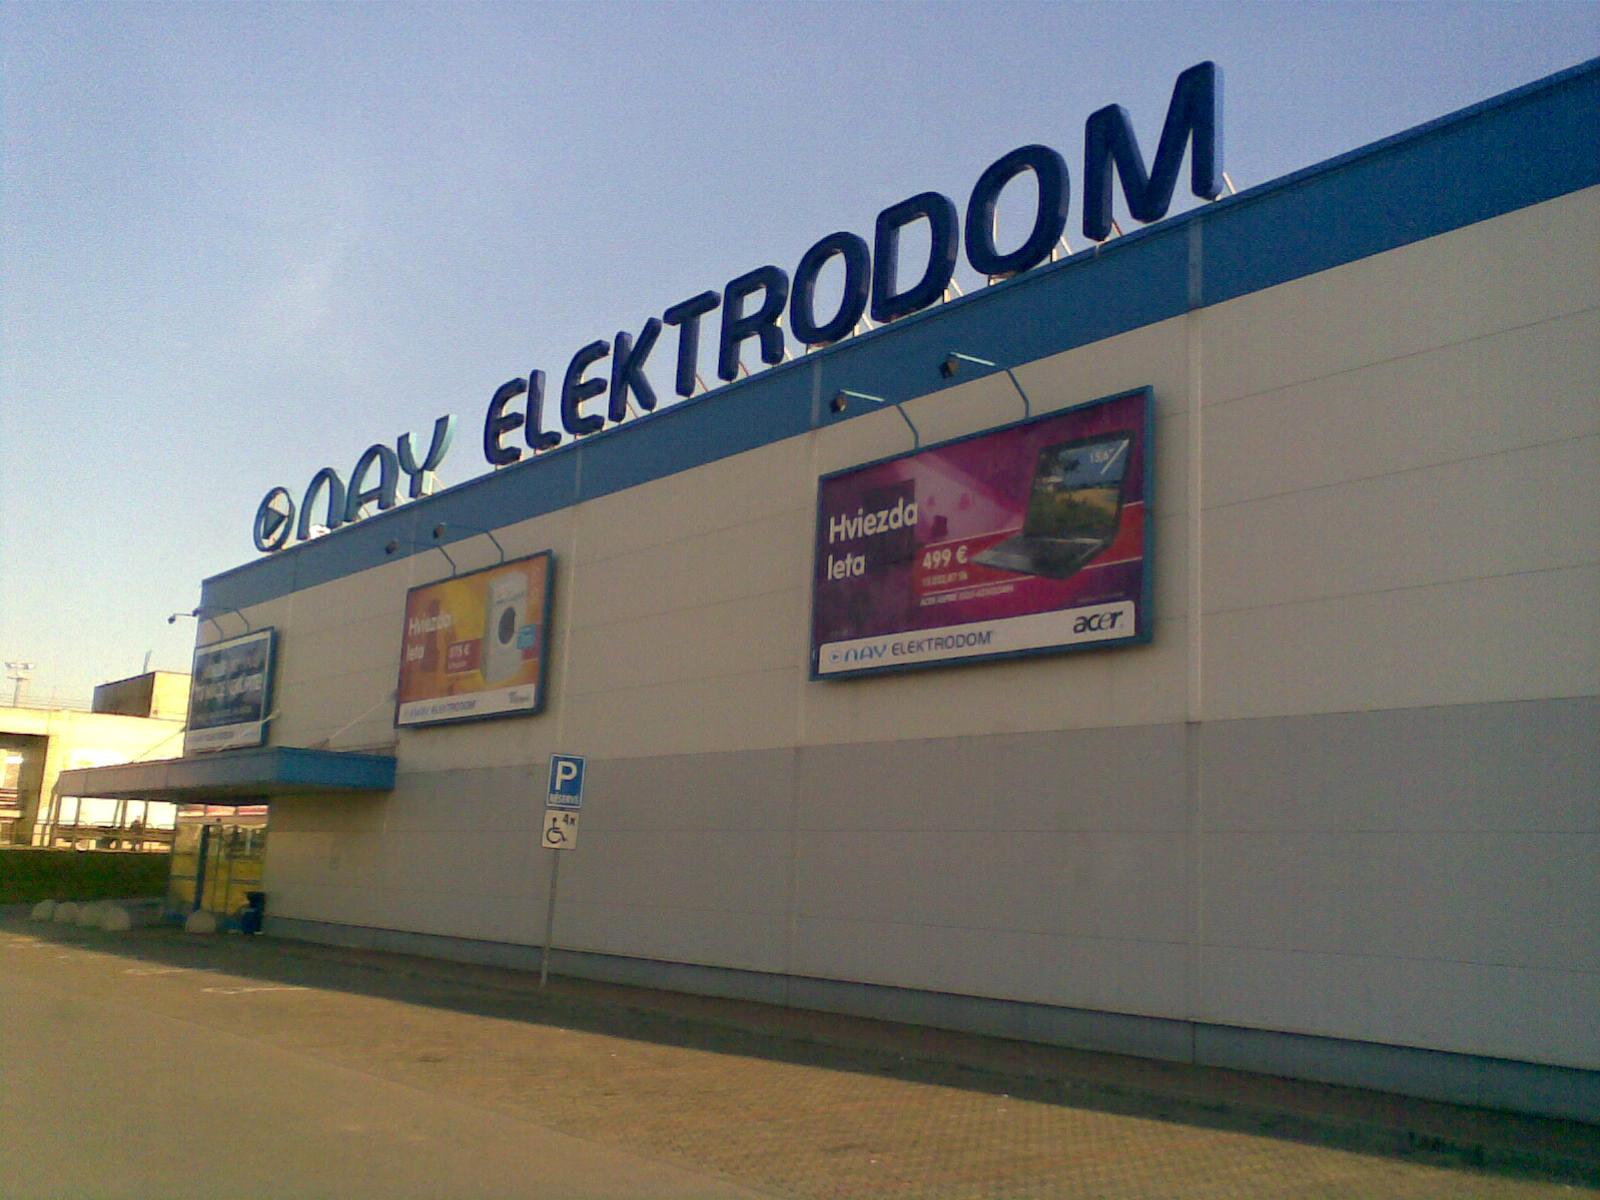 Súbor Nay elektrodom - Presov (2009).jpg – Wikipédia 3943e19df86